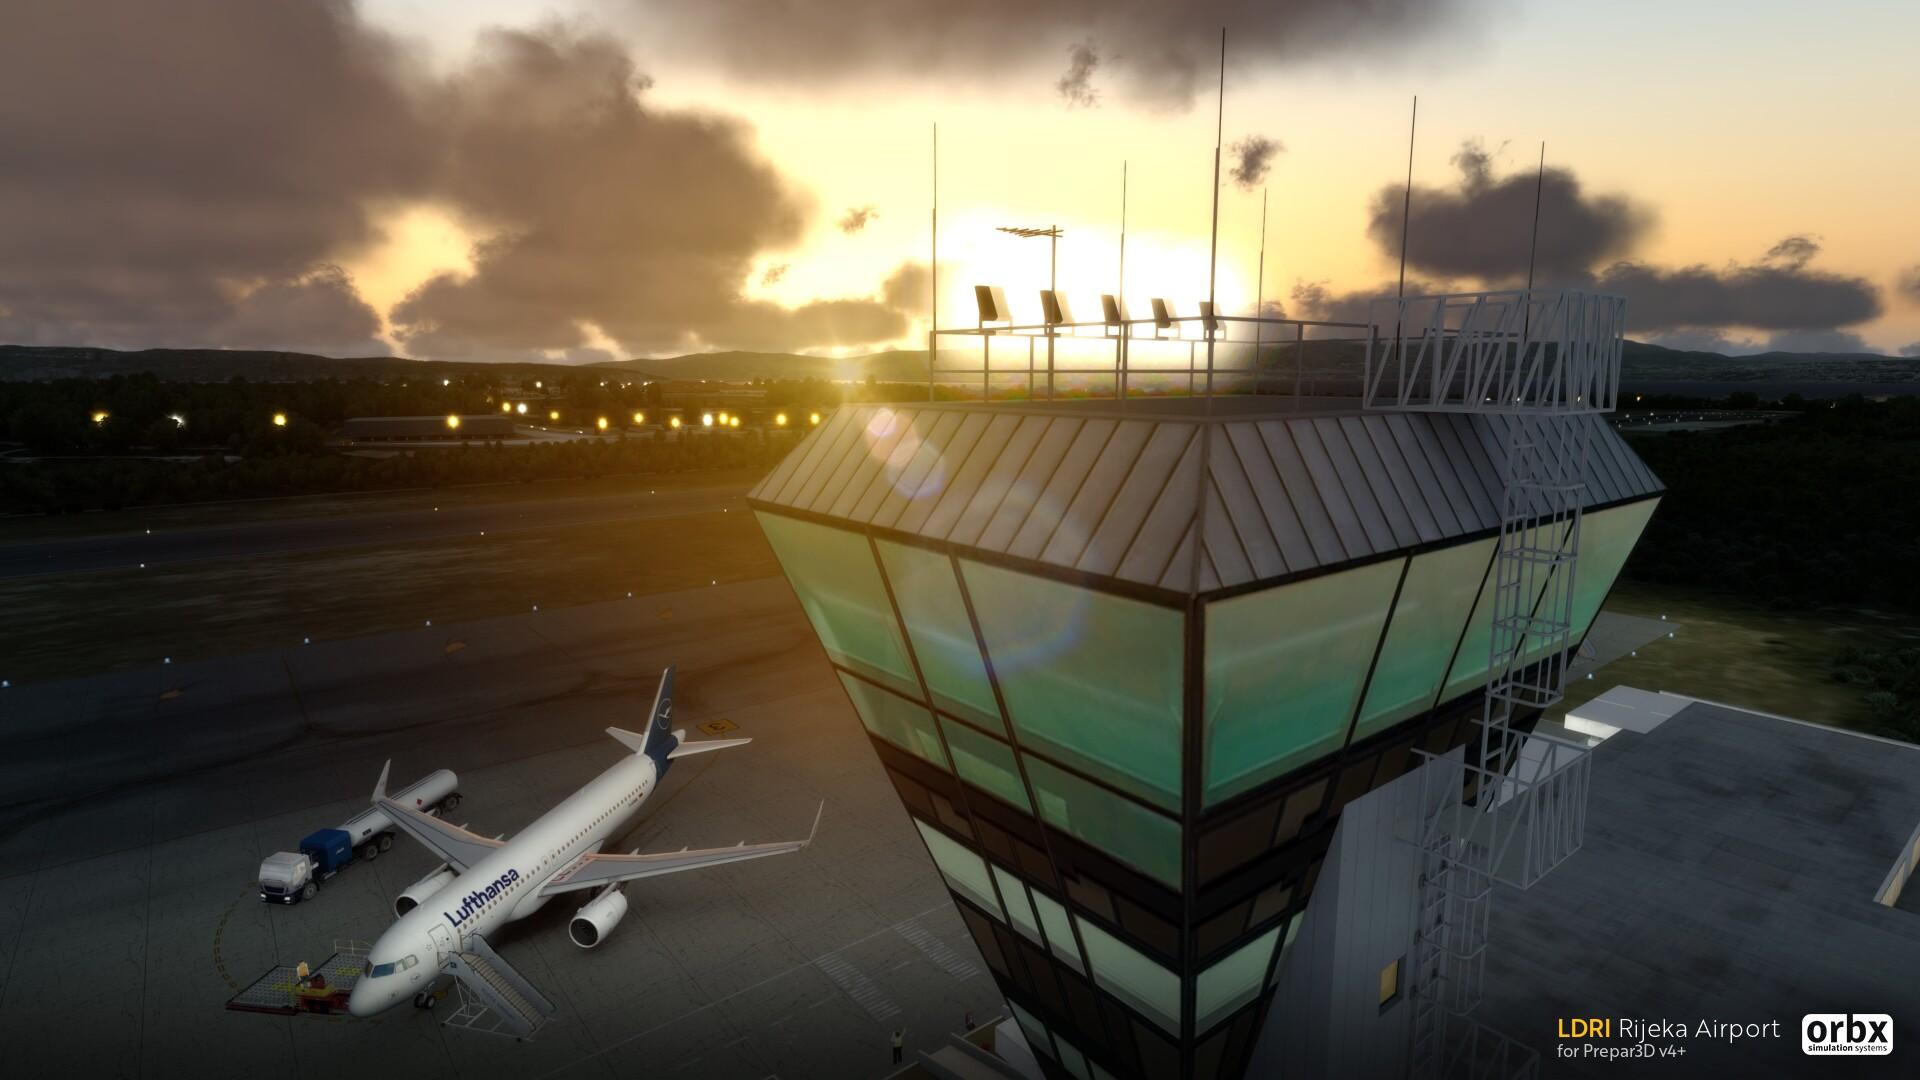 LDRI Rijeka Airport Released for P3Dv4+